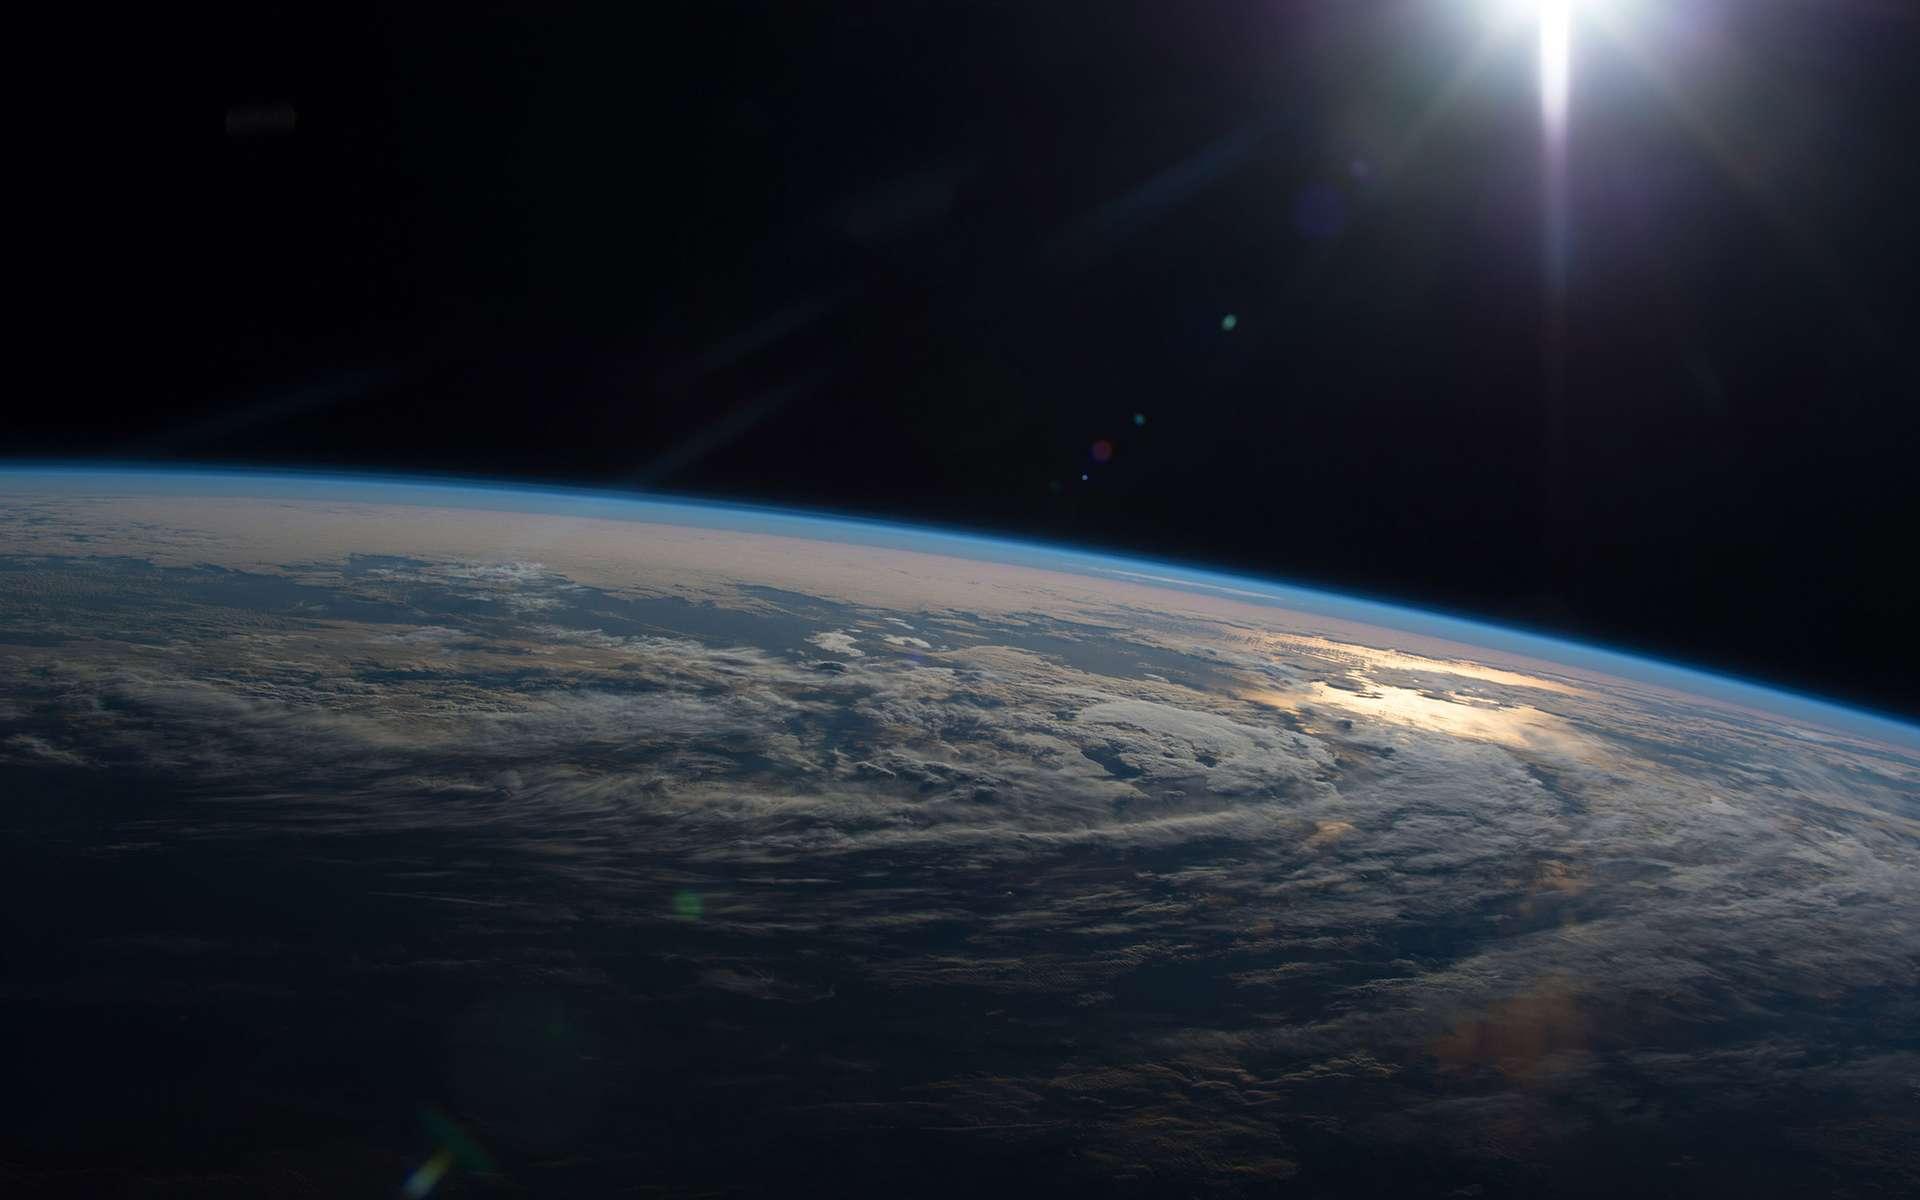 La Terre vue depuis la Station spatiale internationale à une altitude maintenue entre 350 et 400 kilomètres. © Nasa